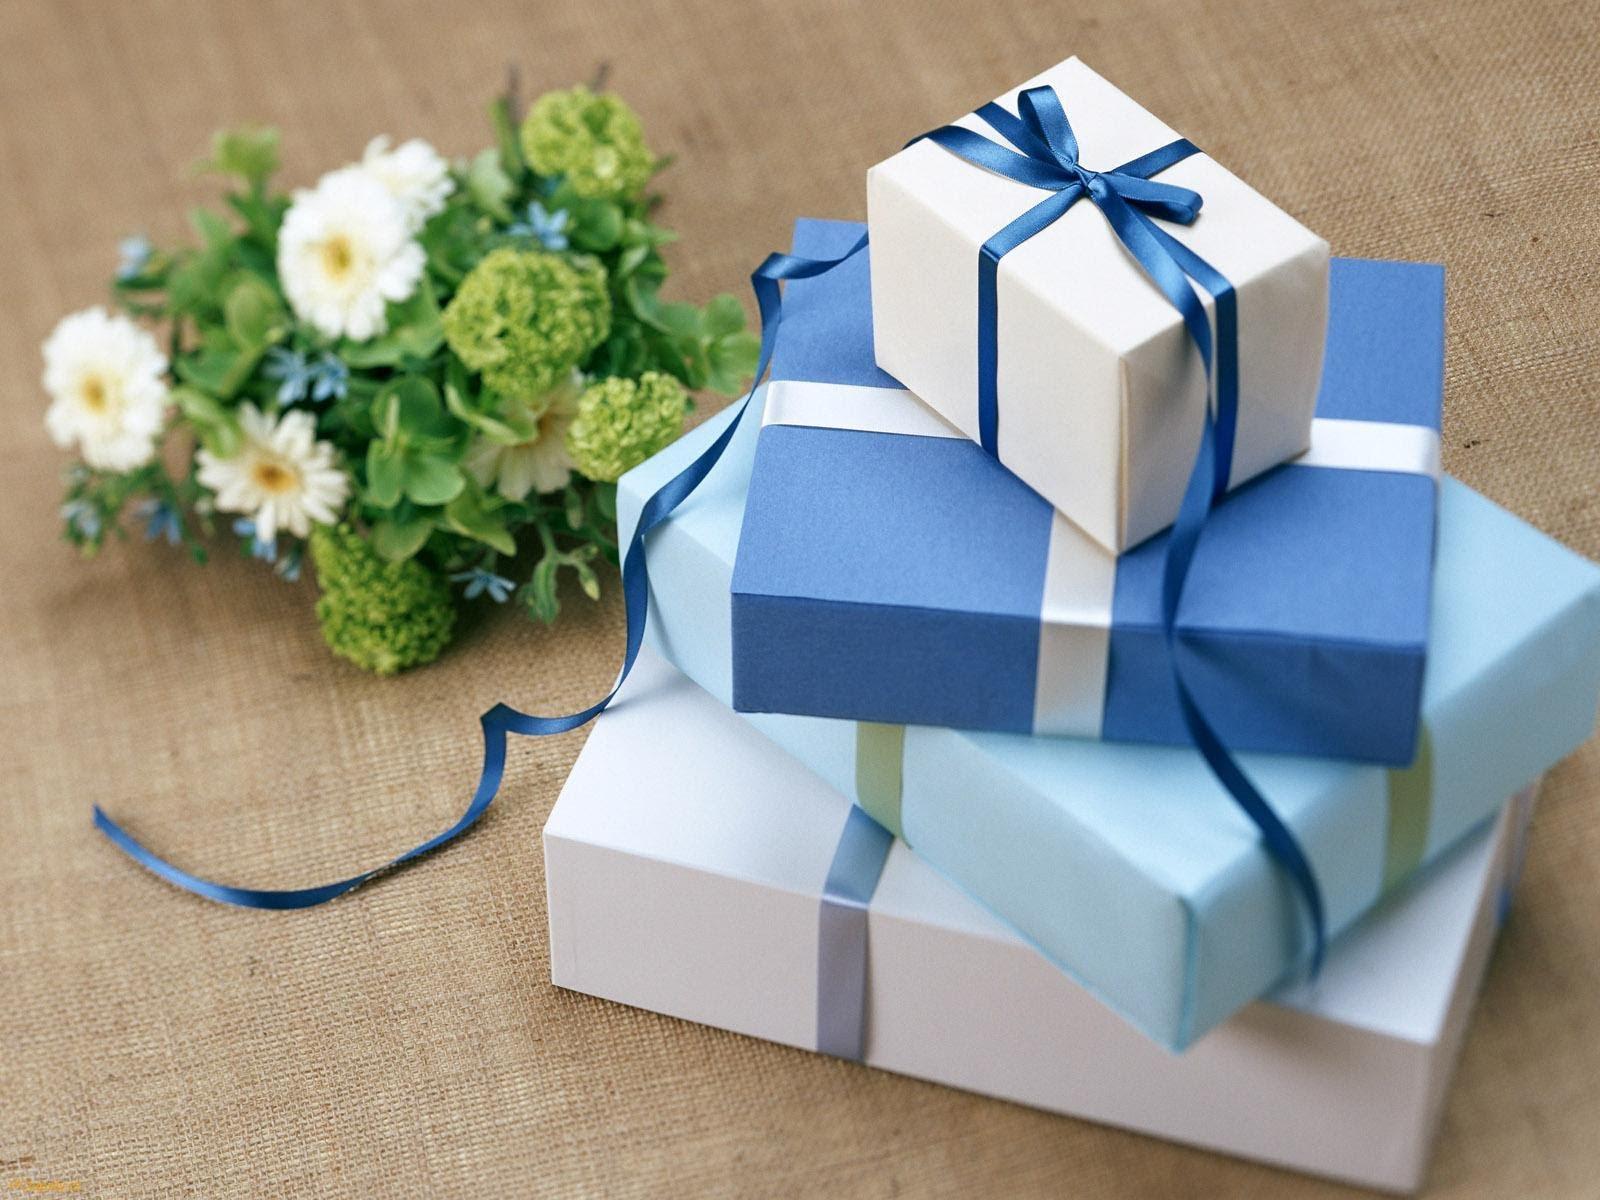 Картинки подарков на день рождения